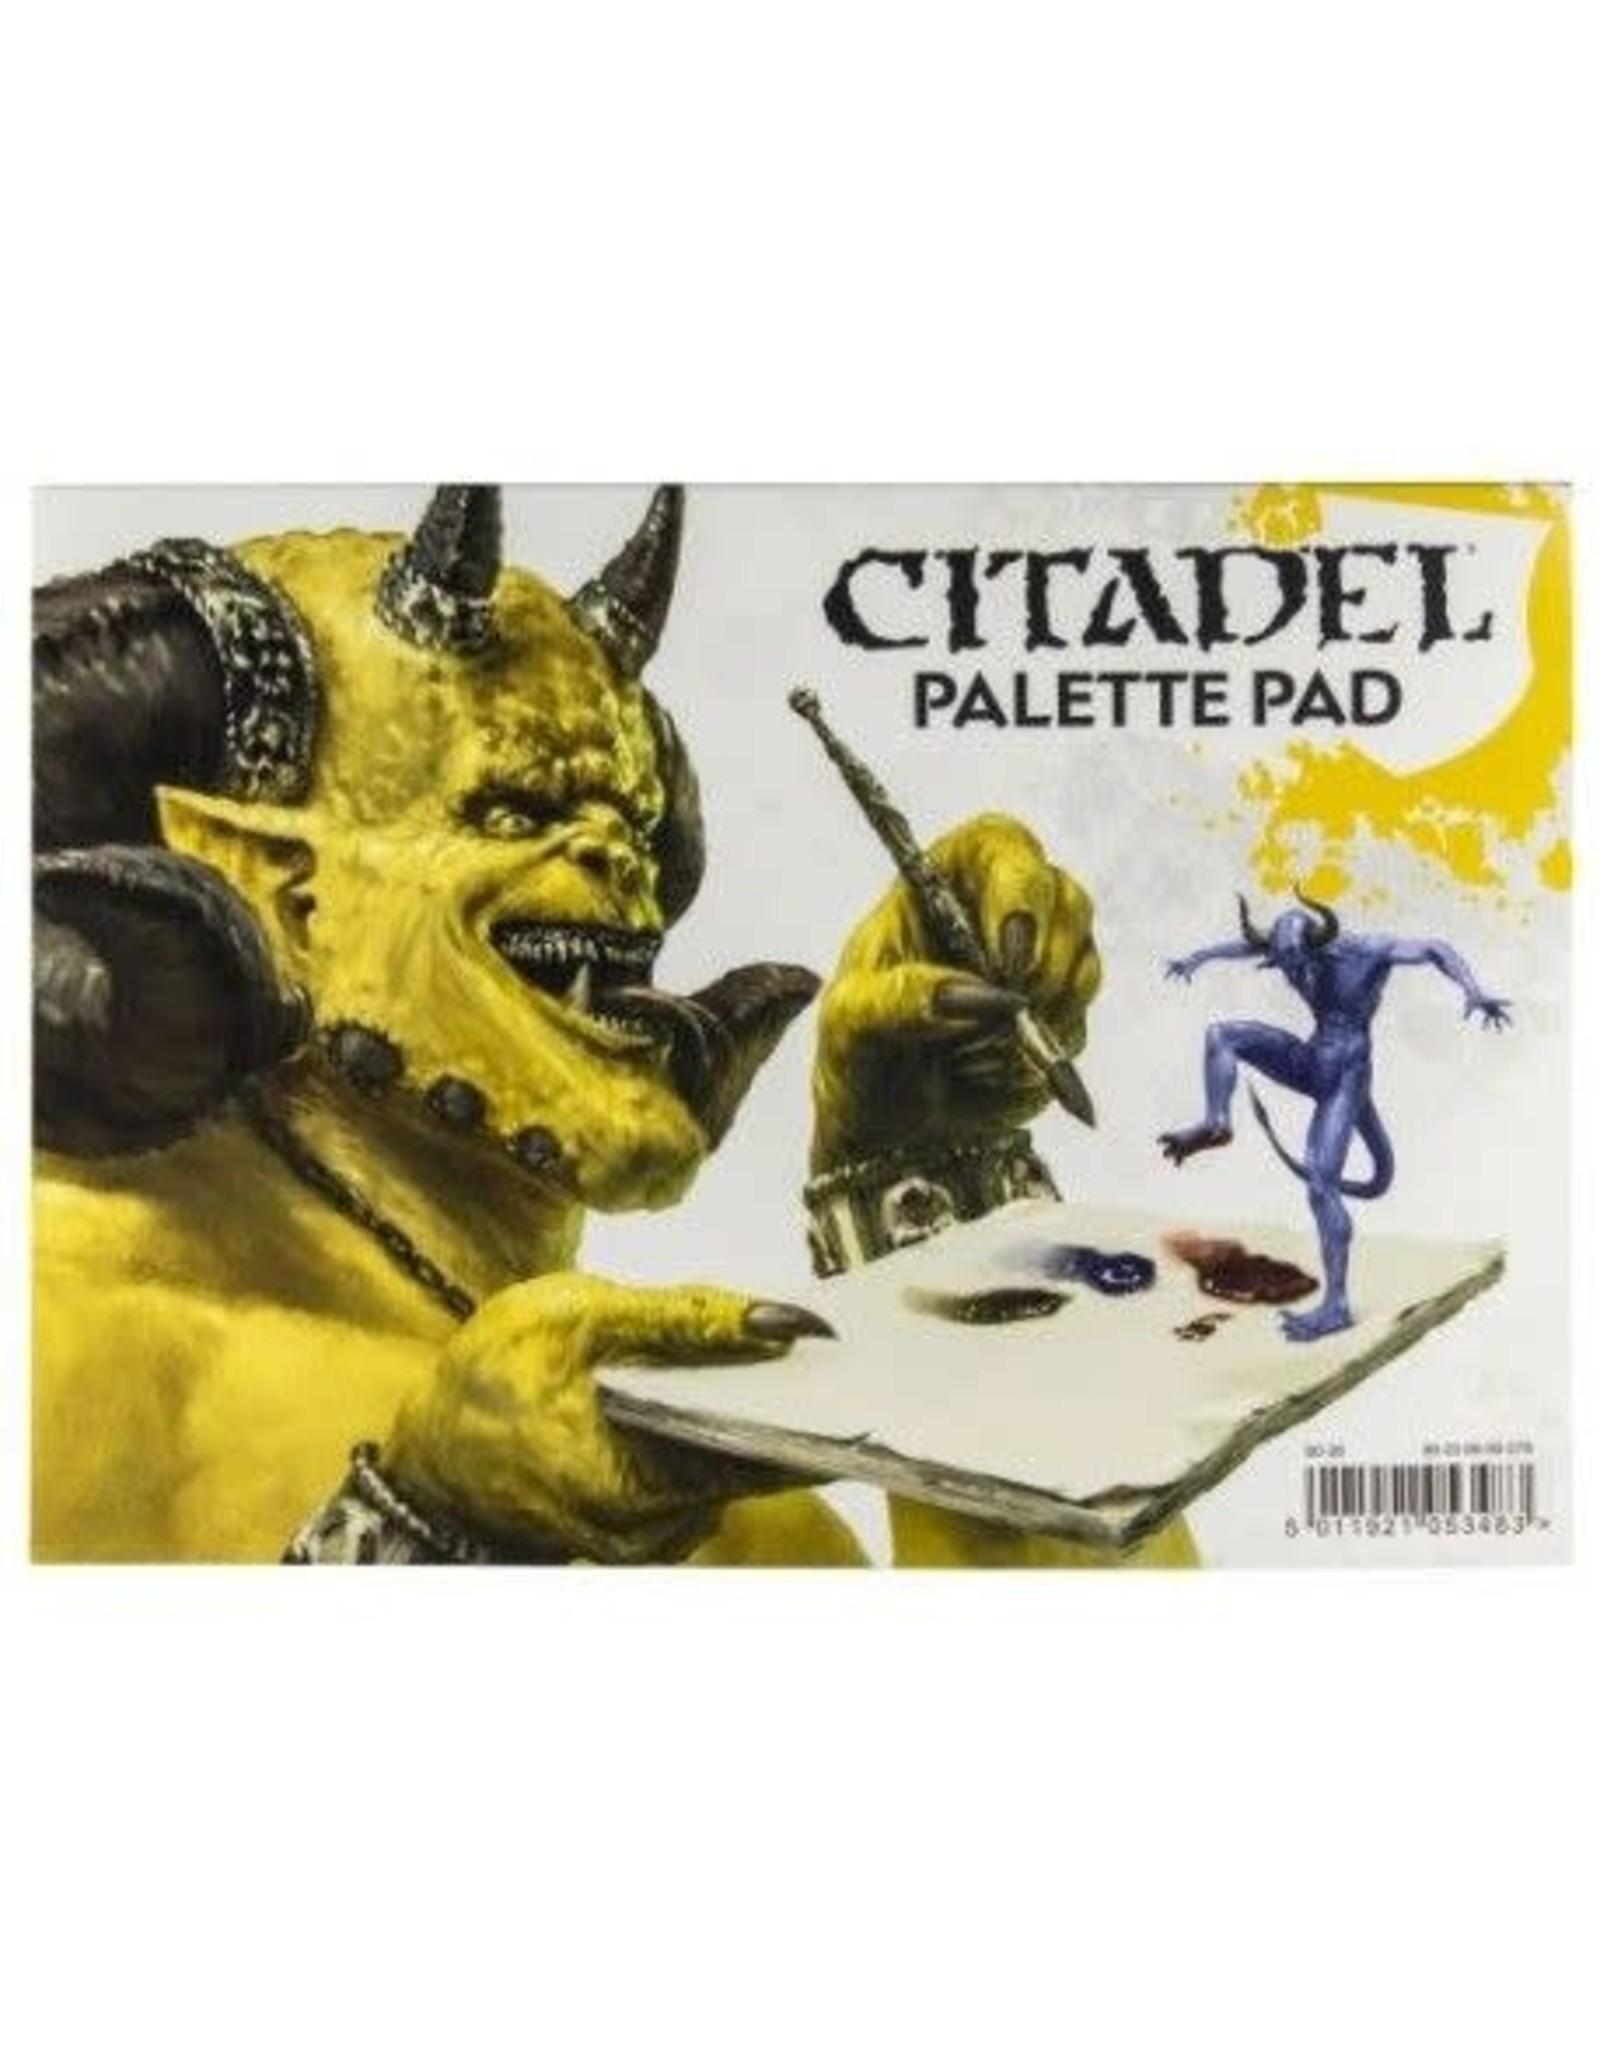 Games-Workshop CITADEL PALETTE PAD